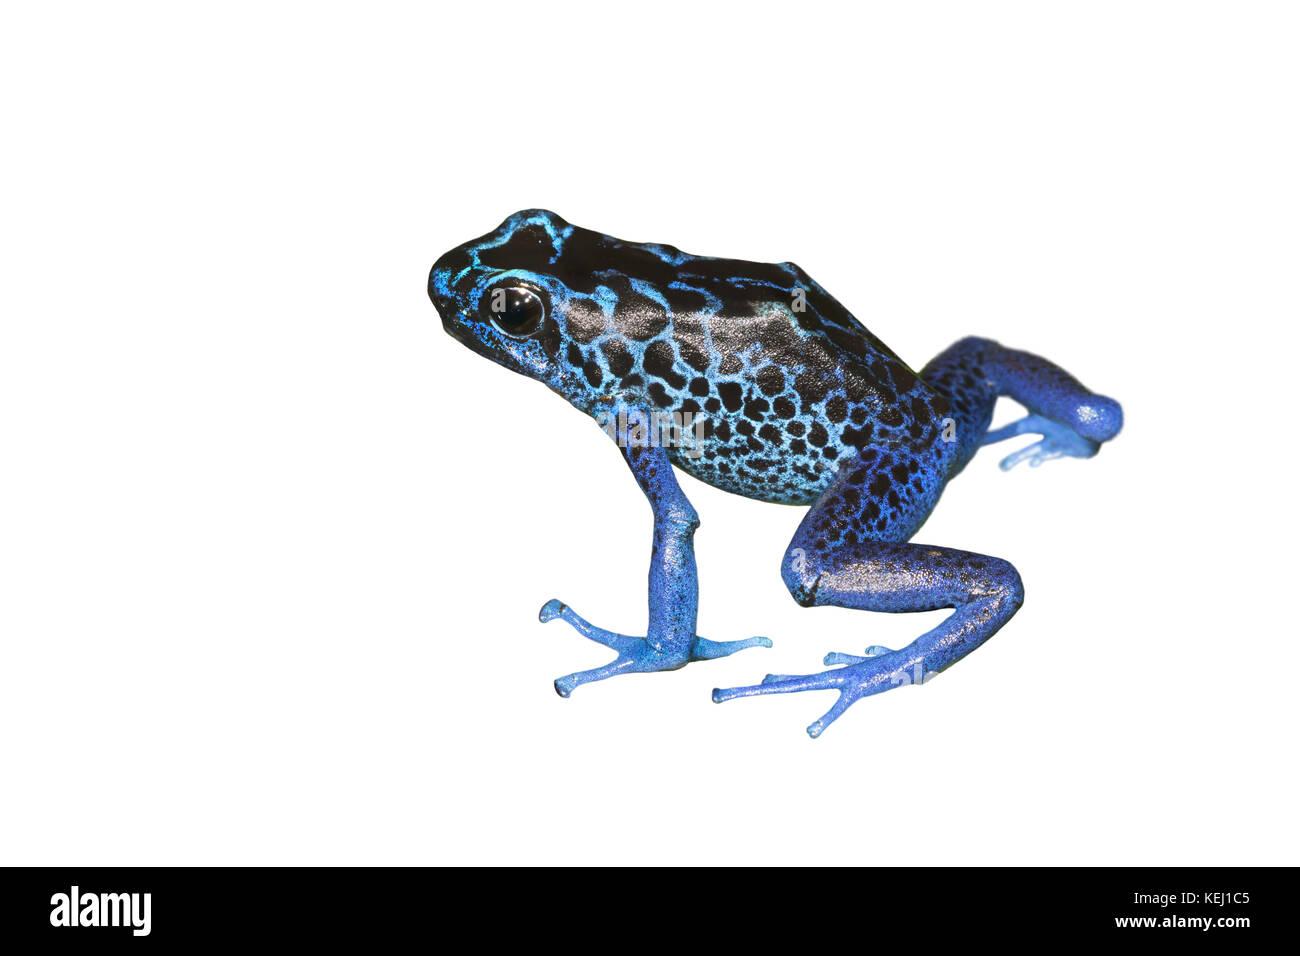 Dyeing poison dart frog (Dendrobates tinctorius), isolated on white background. Stock Photo